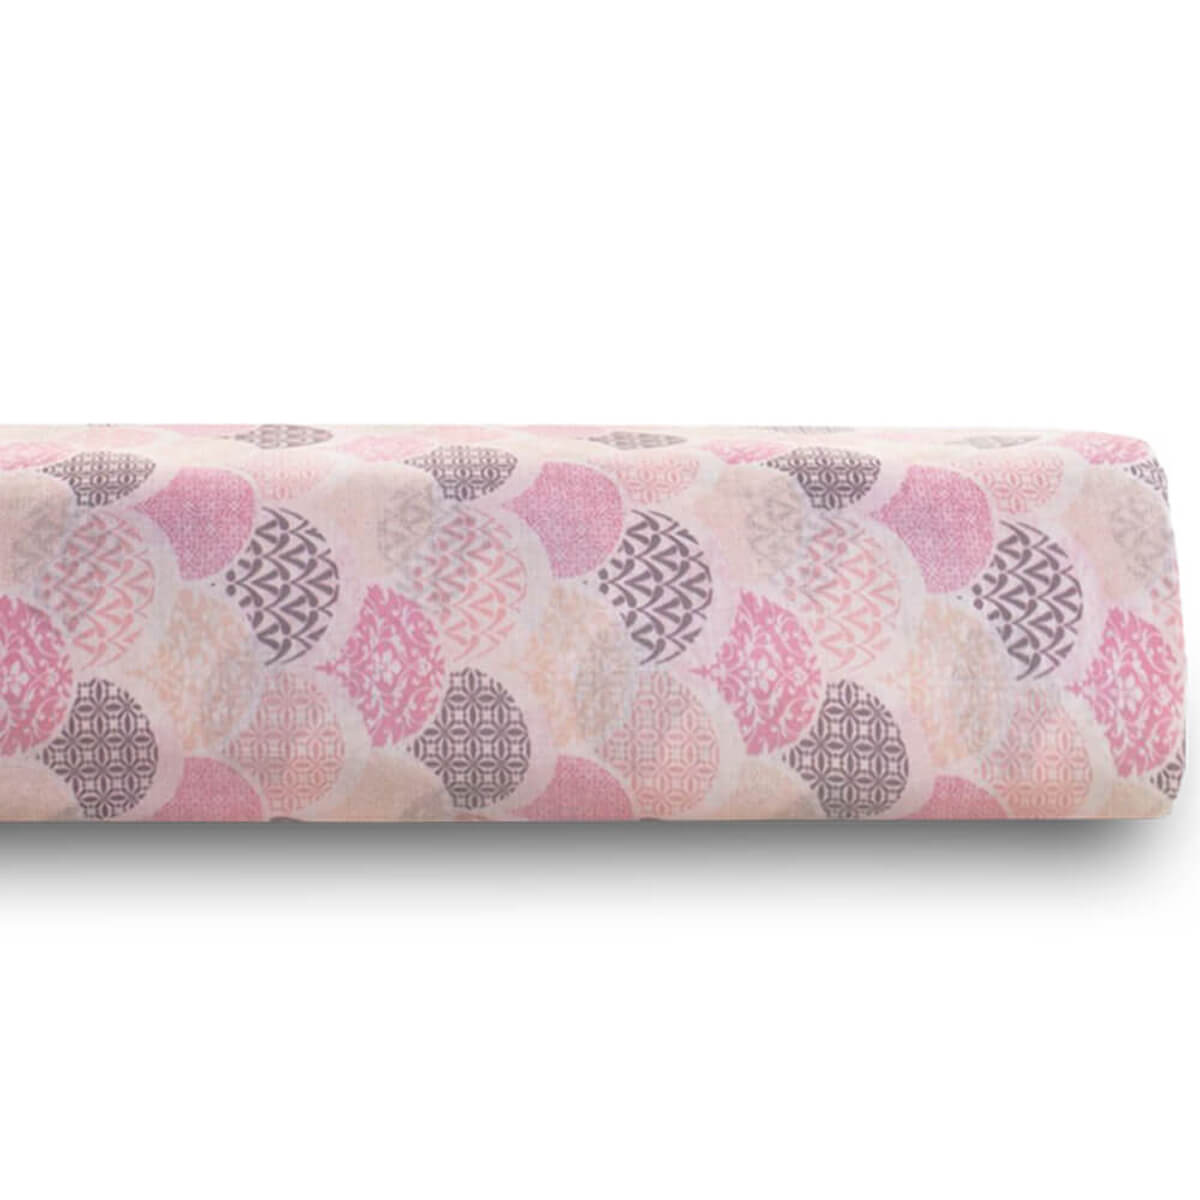 Lençol Casal Avulso Estampado Royal 100% Algodão Deco Rosa